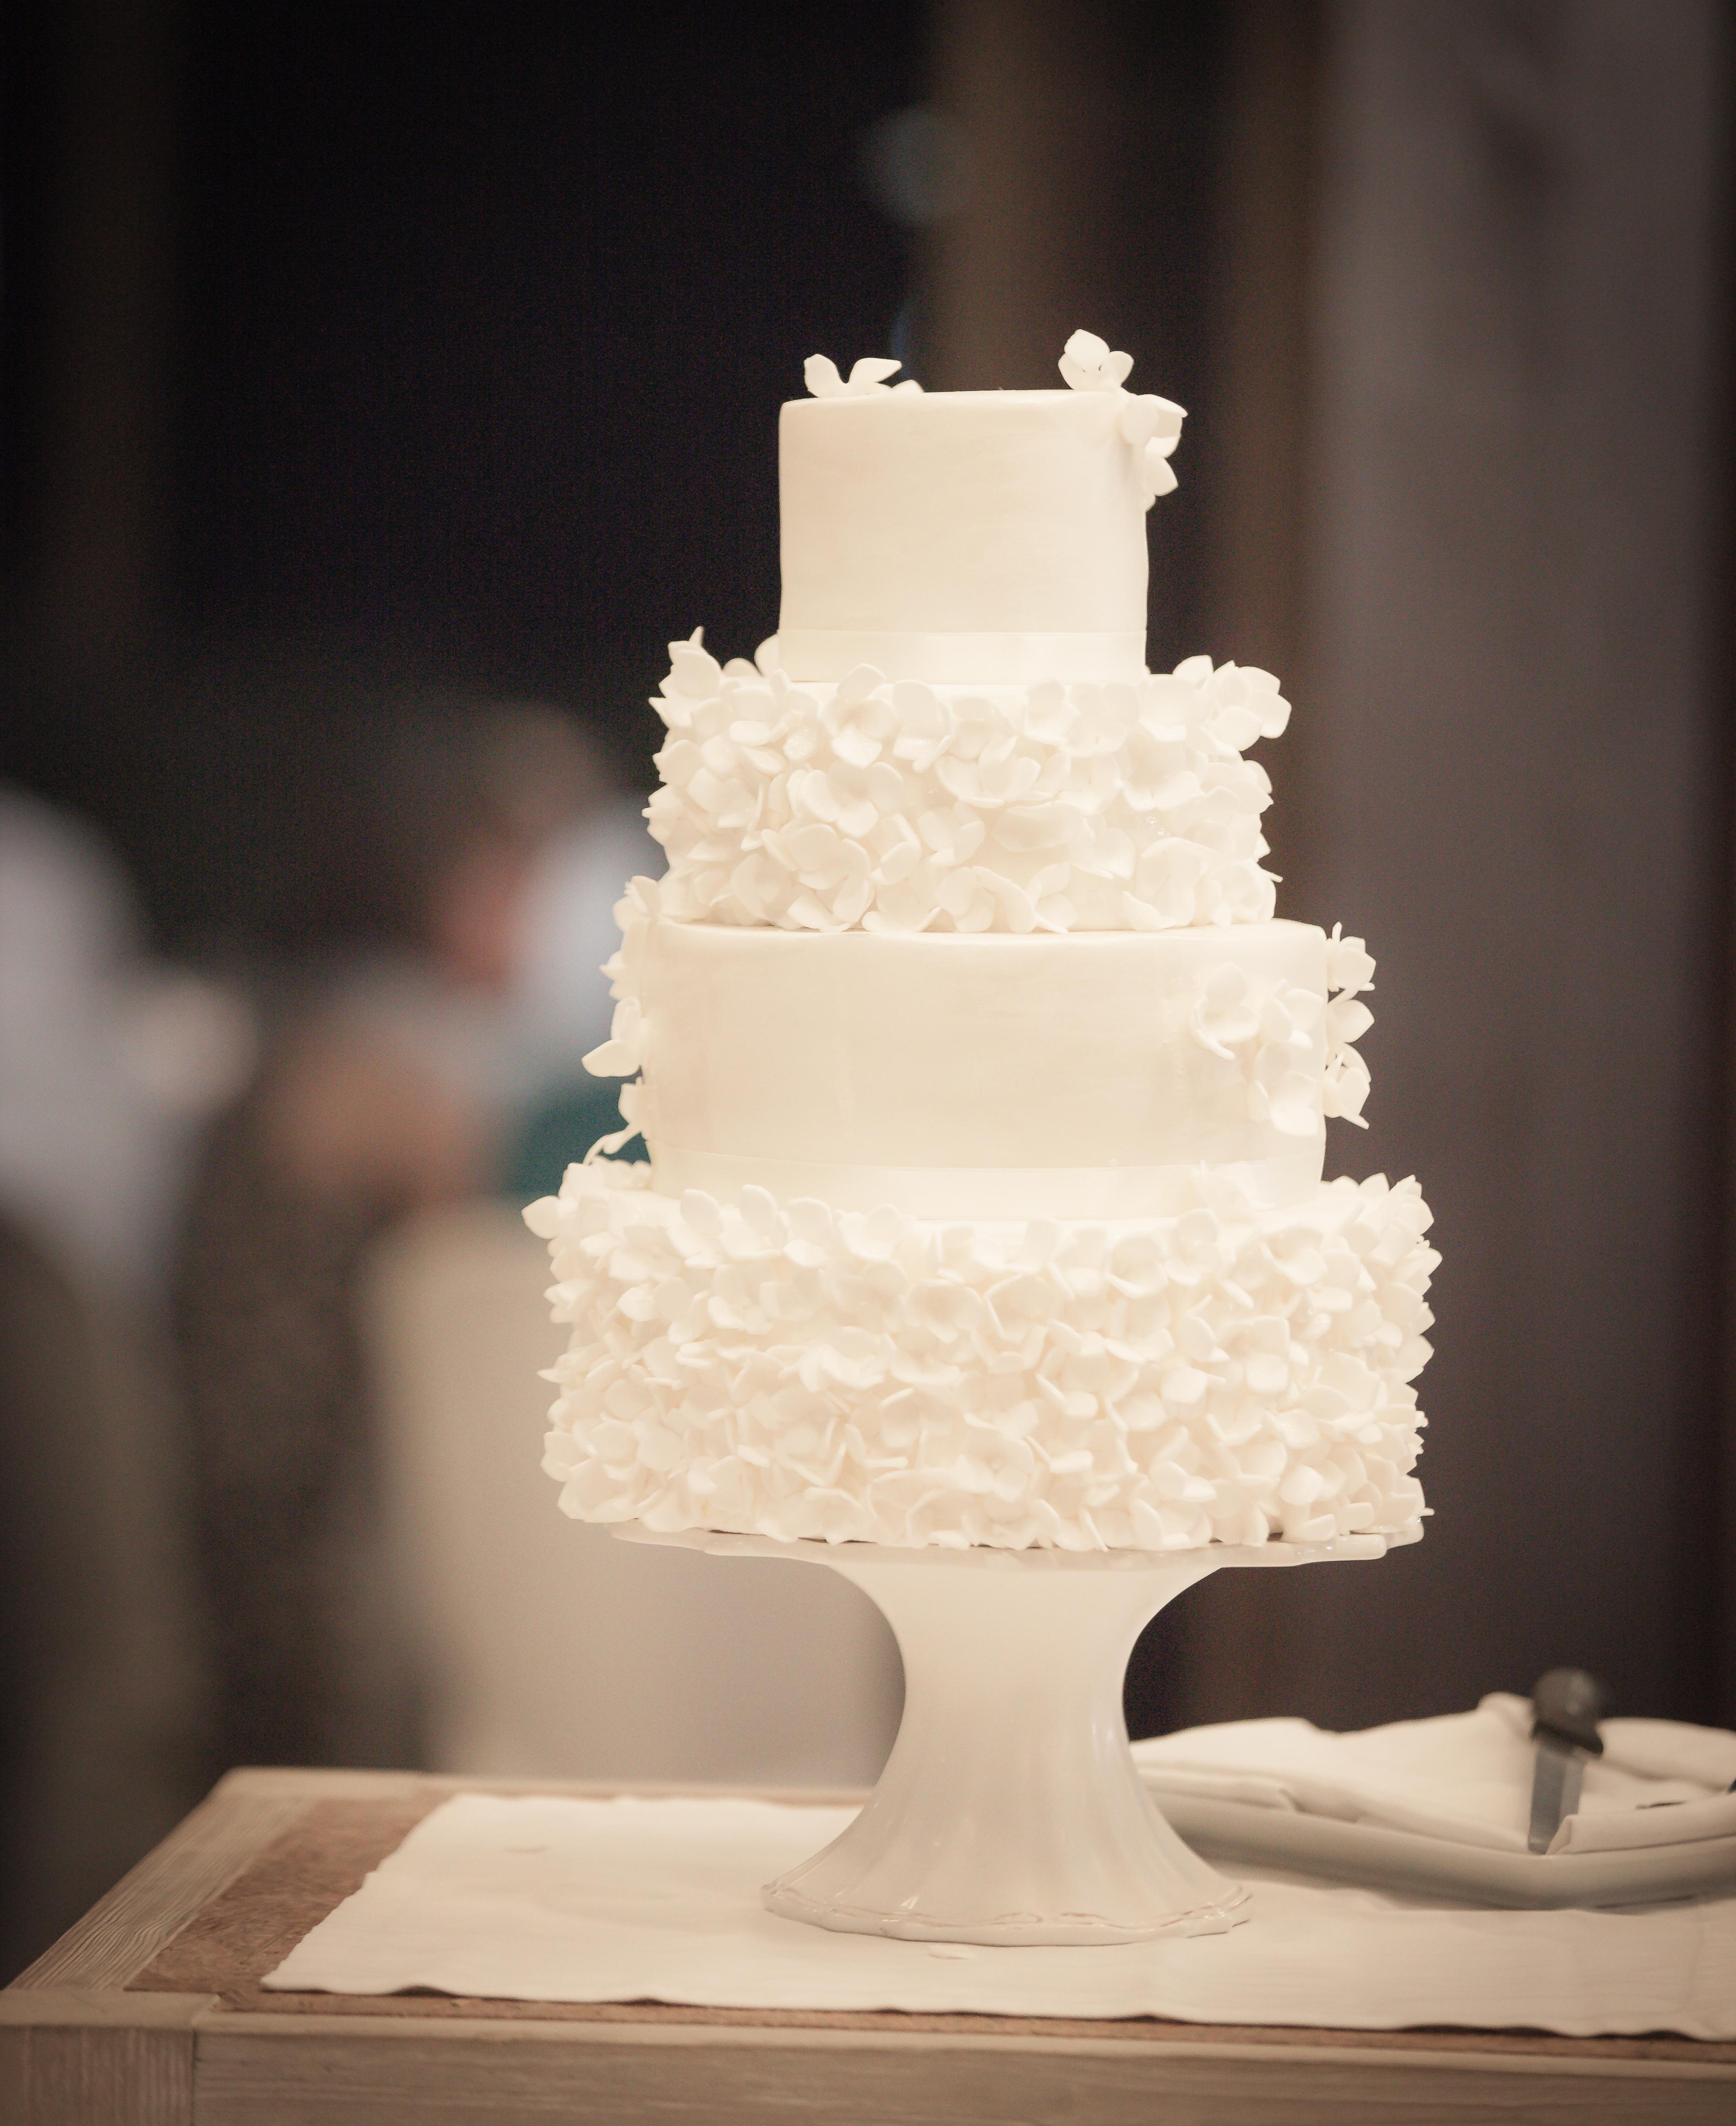 Beautifulweddingcake